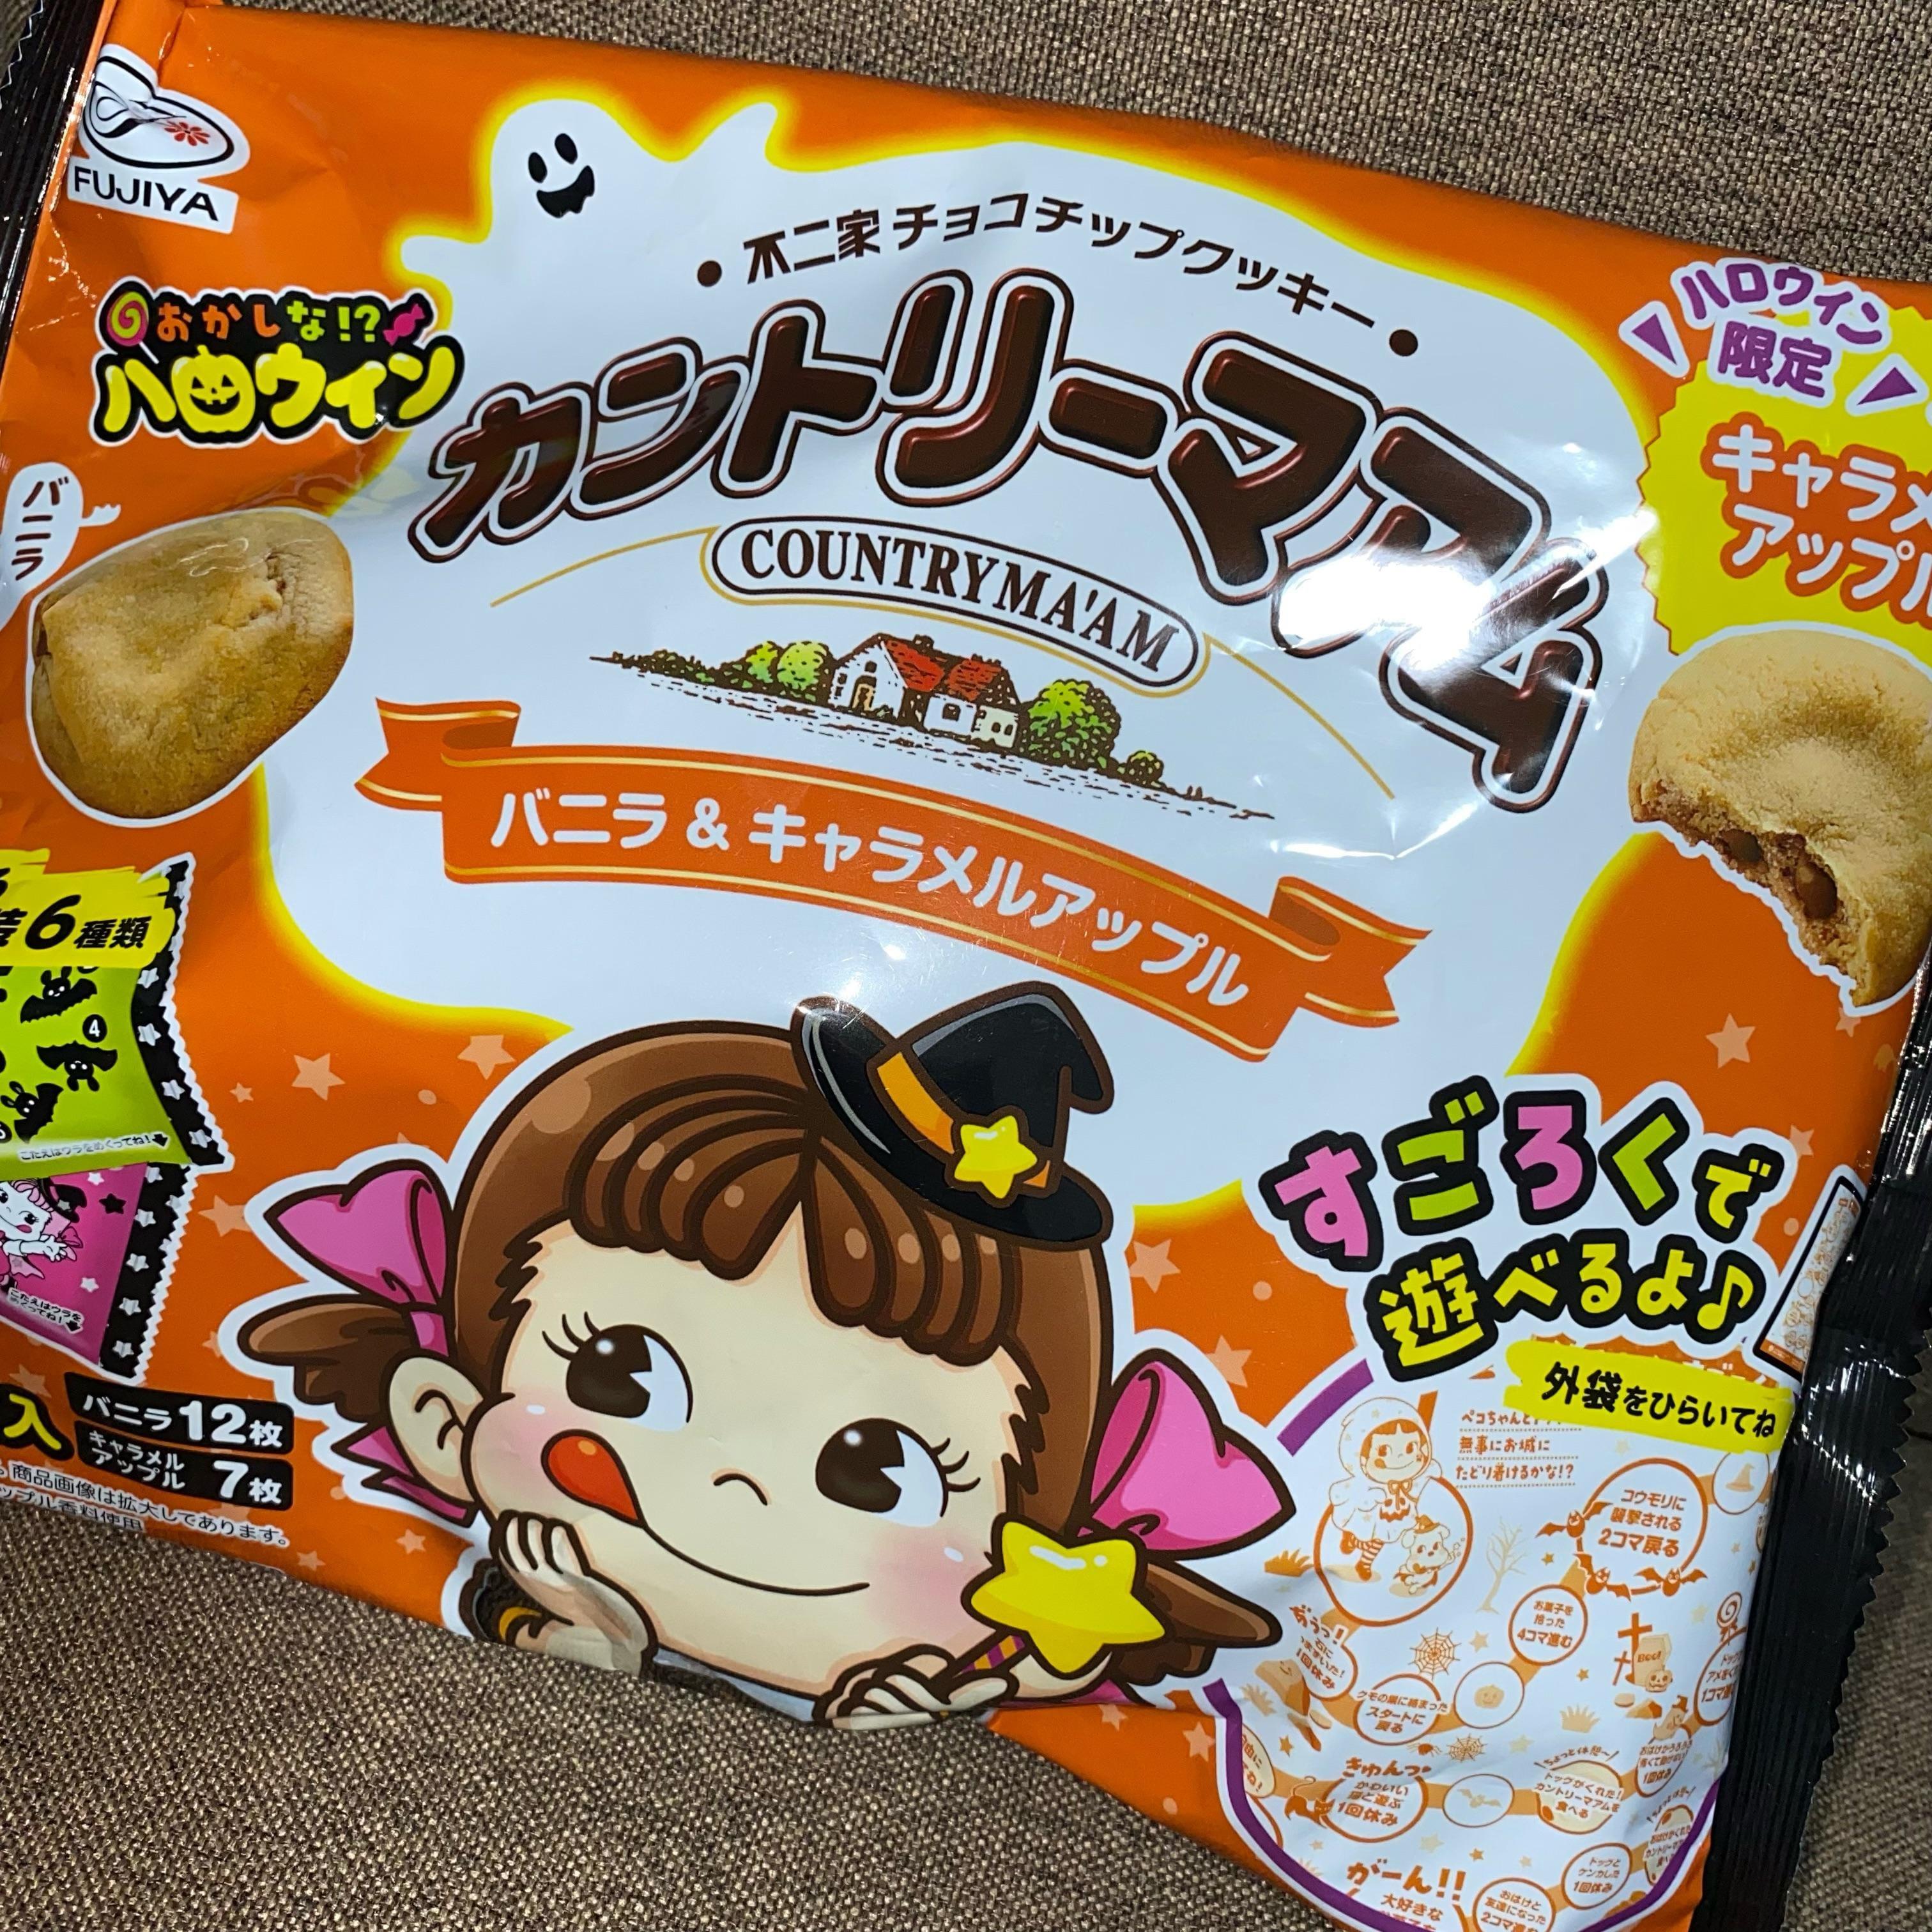 「お菓子有難うございます♡」10/24(日) 00:16 | 姫乃 あいかの写メ日記